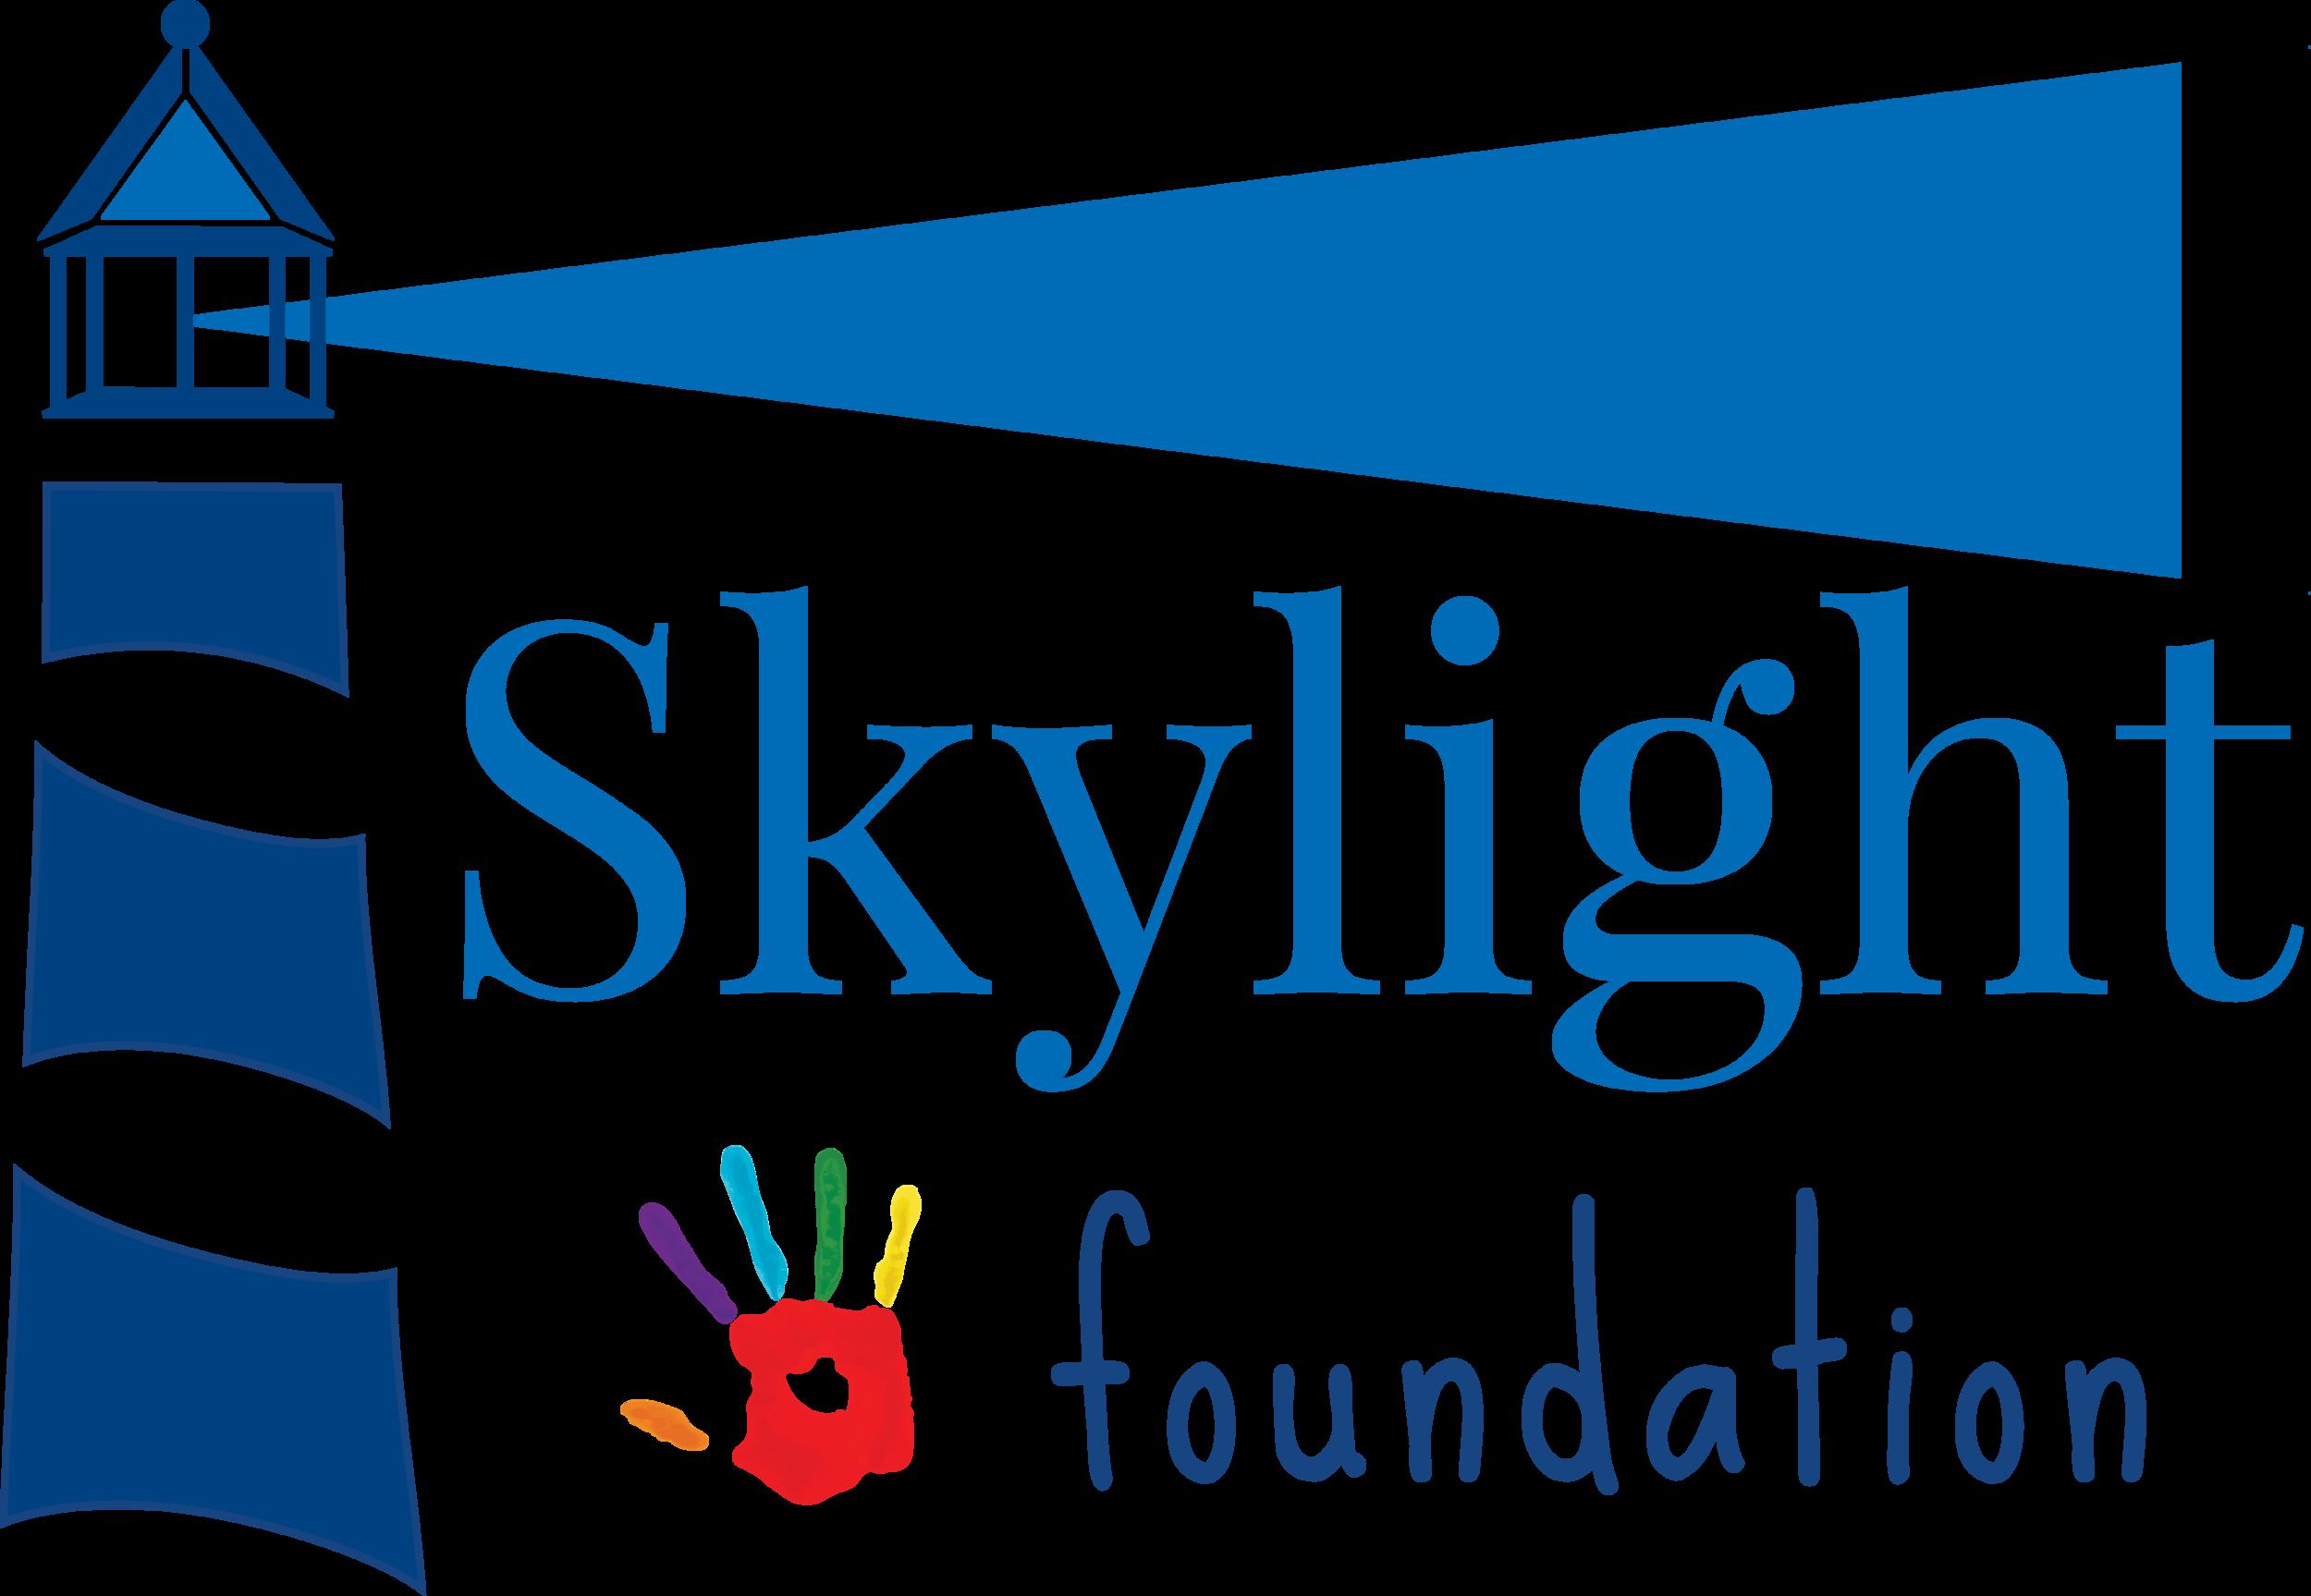 Skylight foundation logo.png